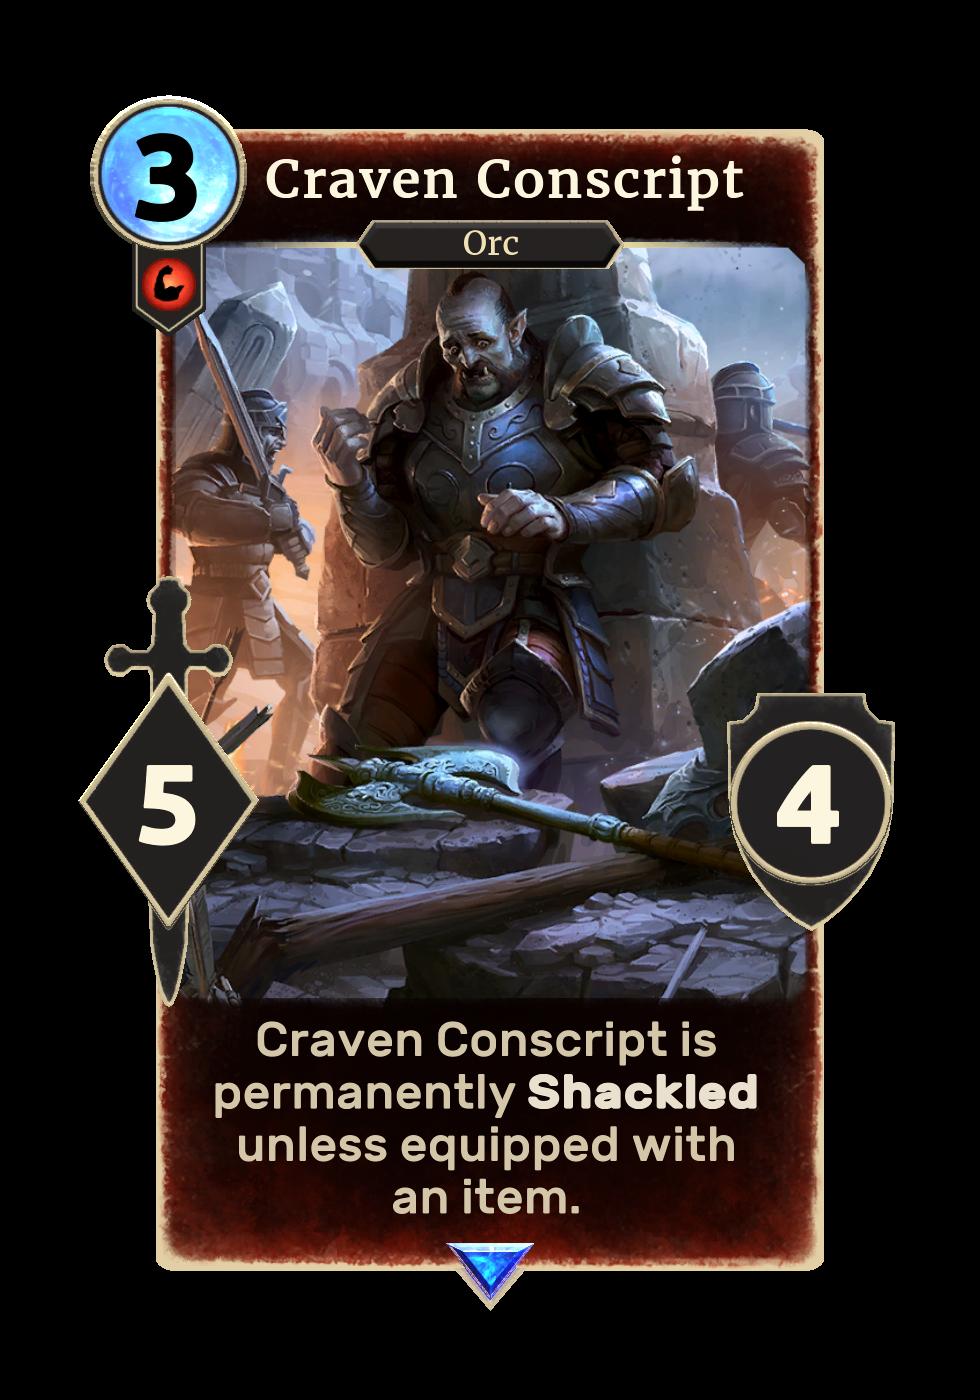 Craven Conscript